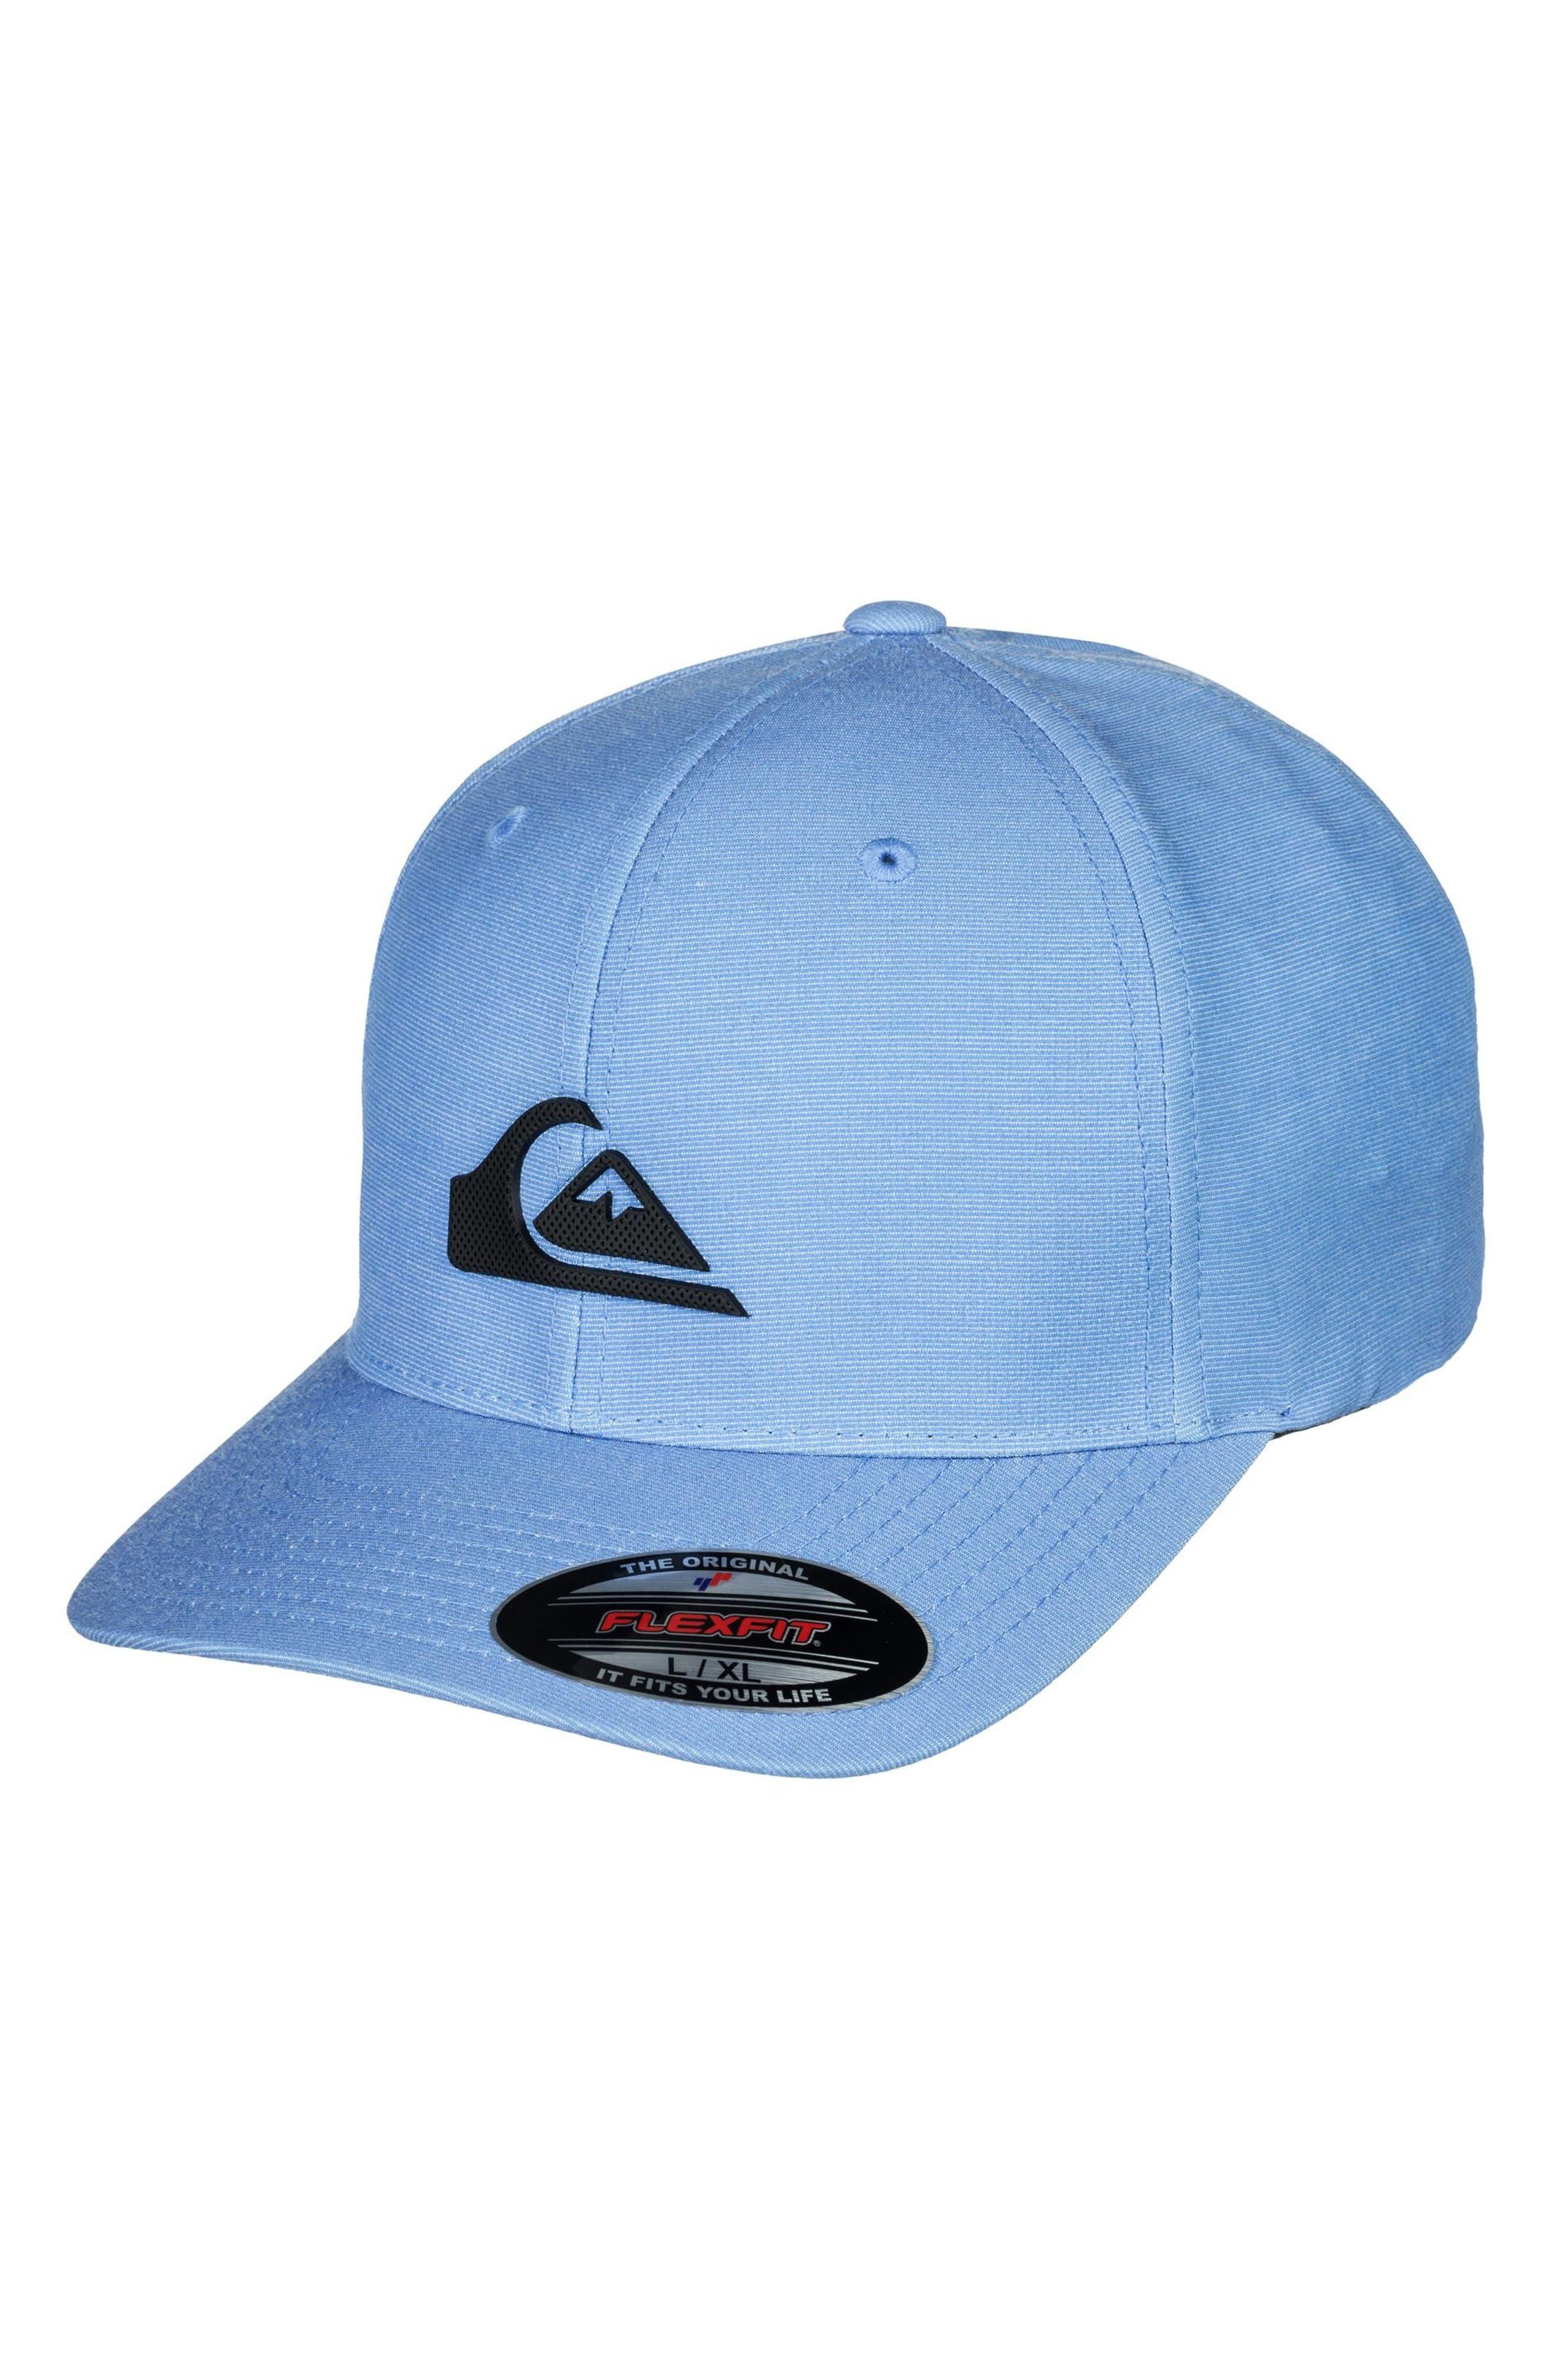 Texturizer Flexfit Ball Cap,                         Main,                         color, SILVER LAKE BLUE